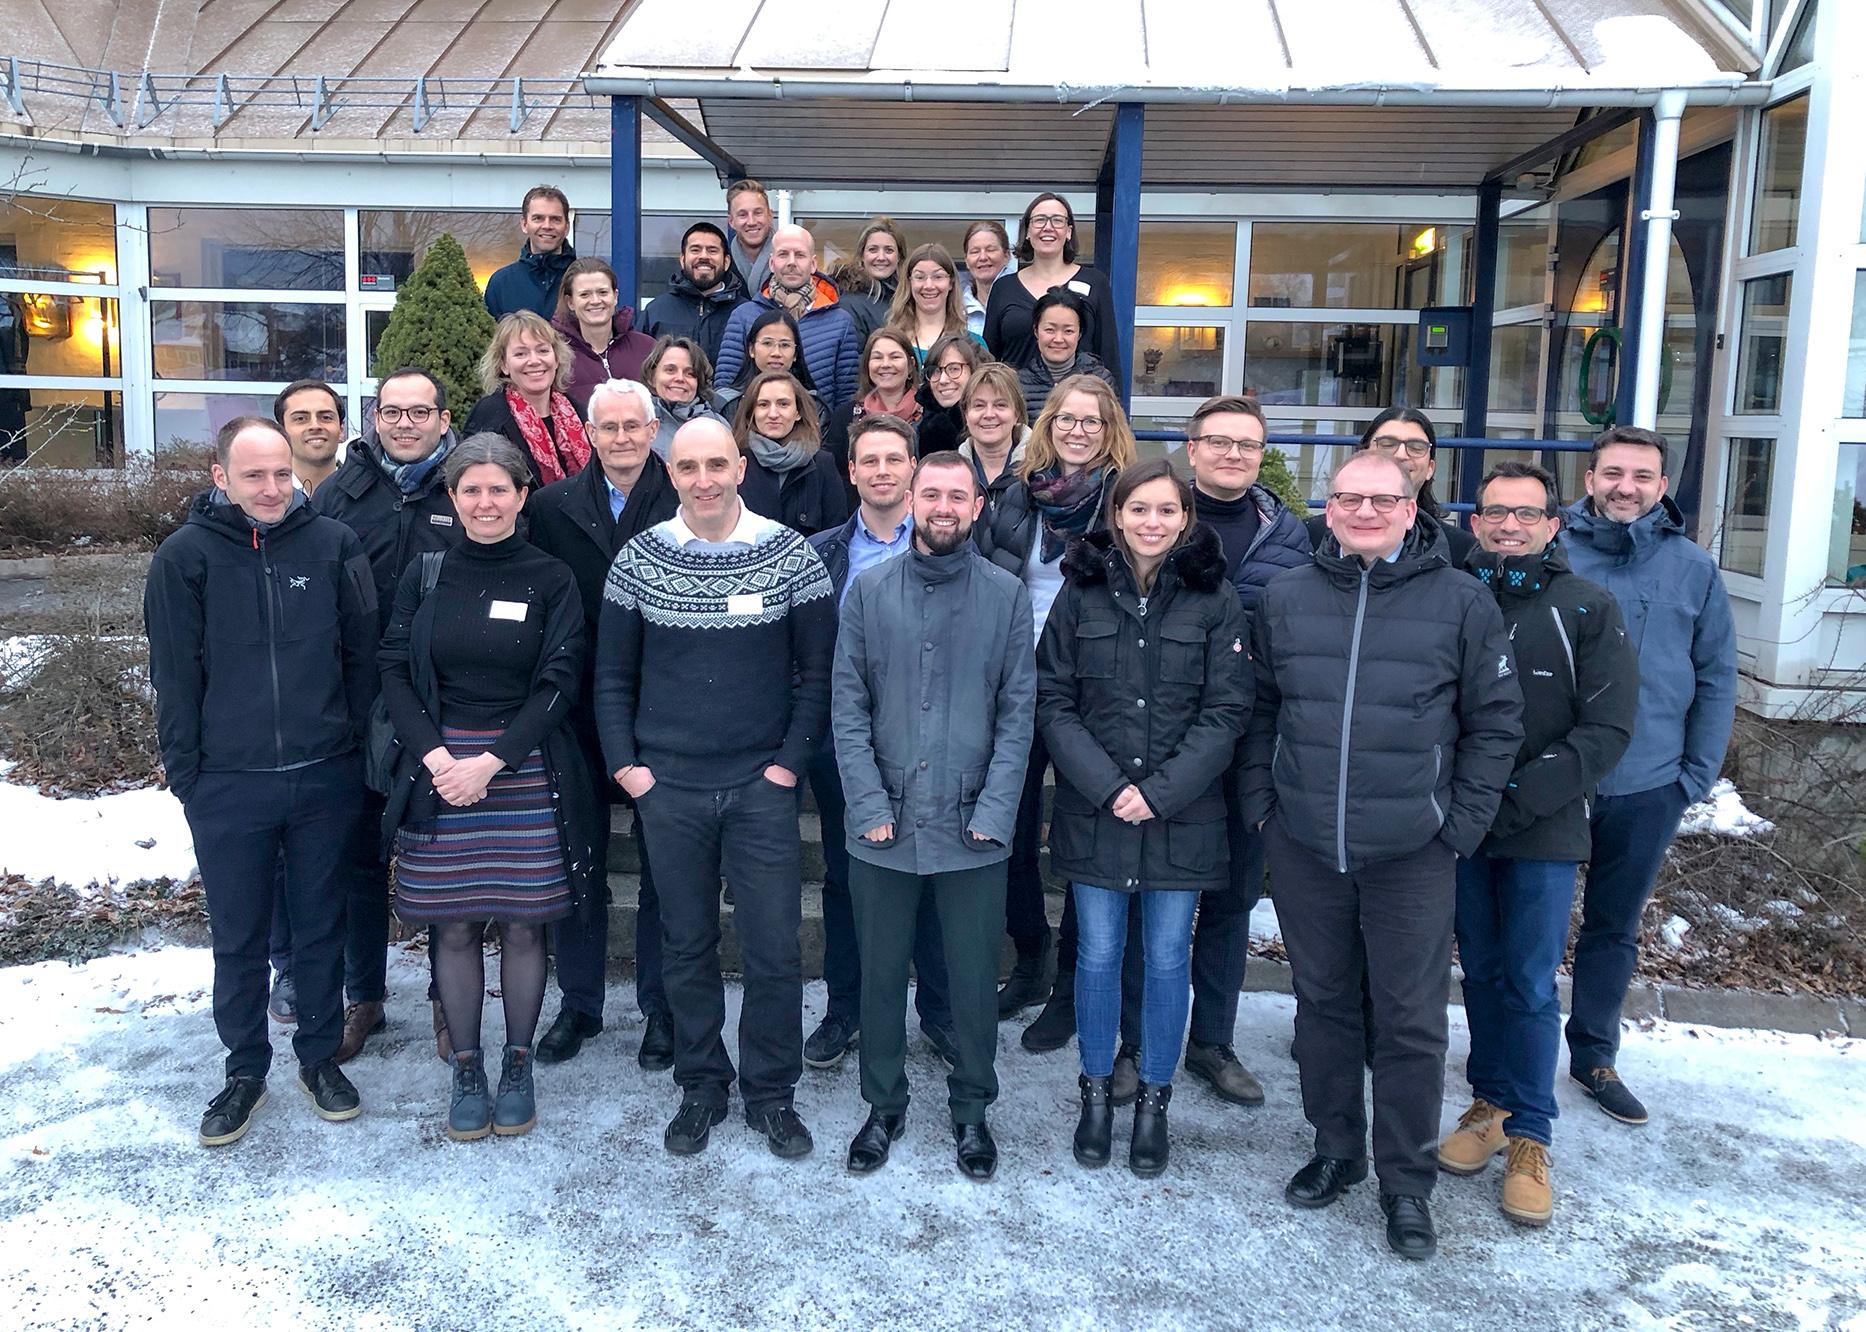 Litt kaldt, men fortsatt blide prosjektpartnere på årets prosjektmøte på Ås.